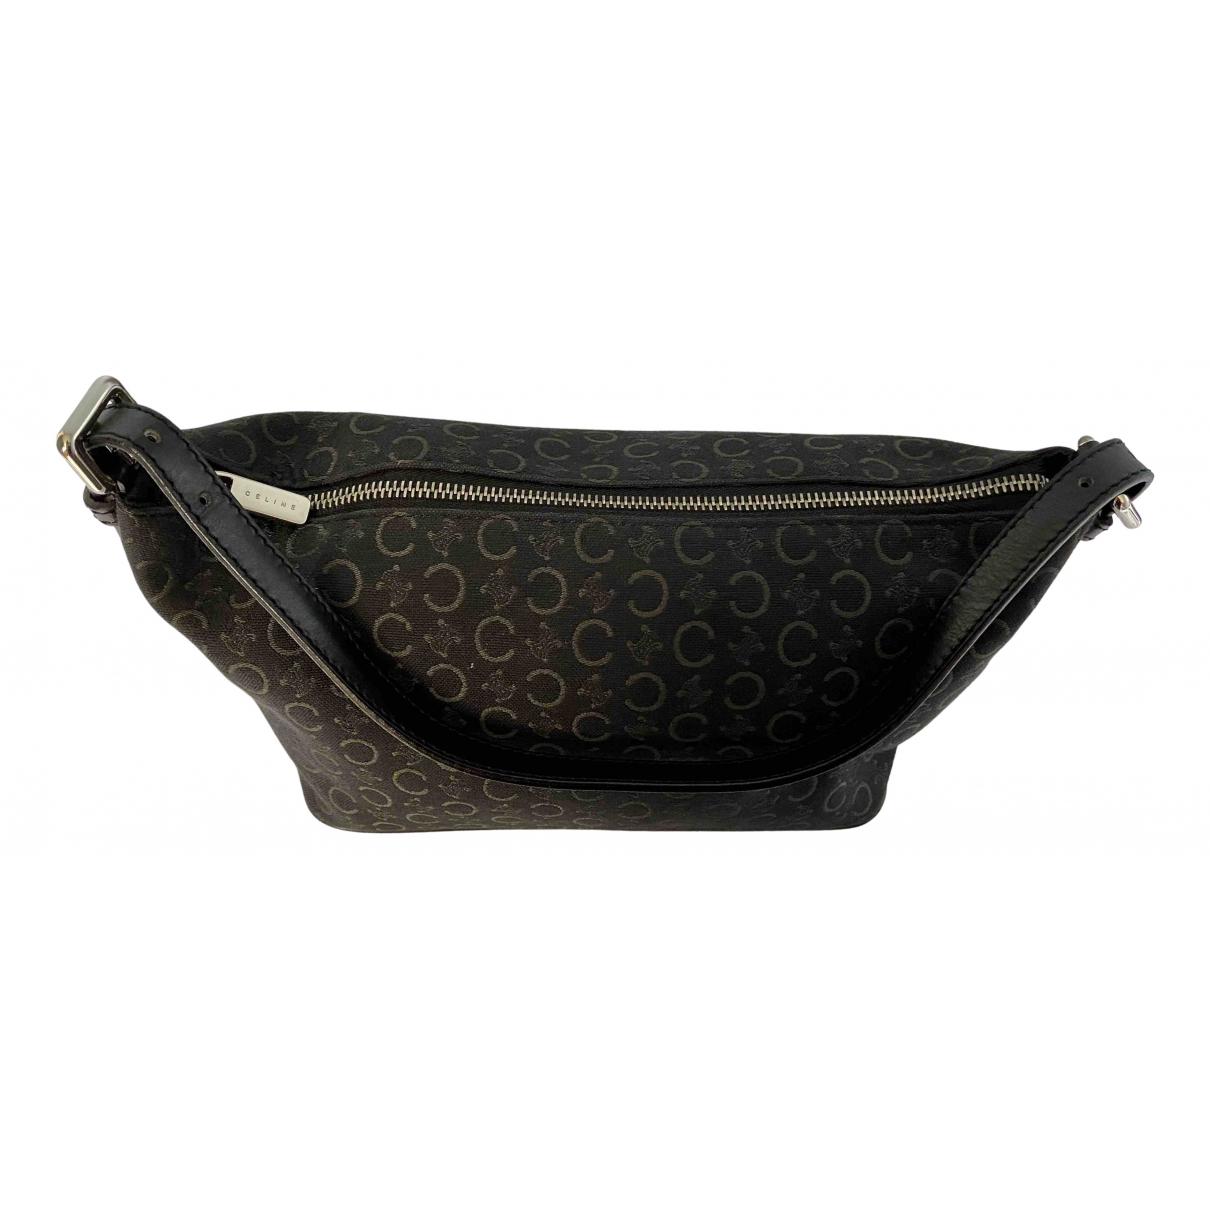 Celine \N Handtasche in  Schwarz Leinen